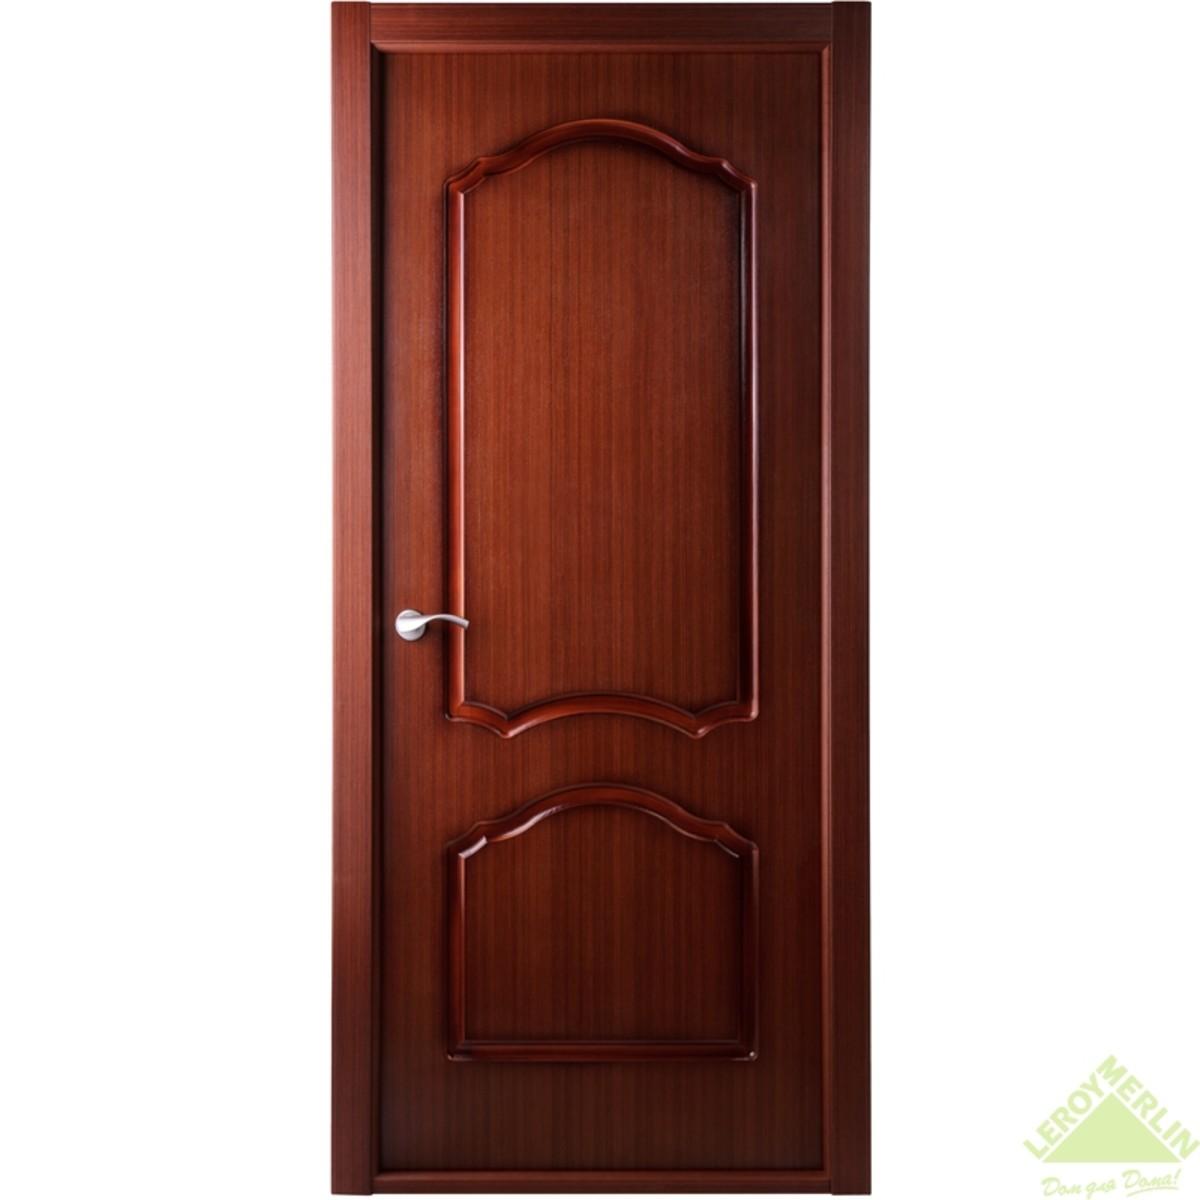 Дверь Межкомнатная Глухая Каролина 70x200 Ламинация Цвет Красное Дерево